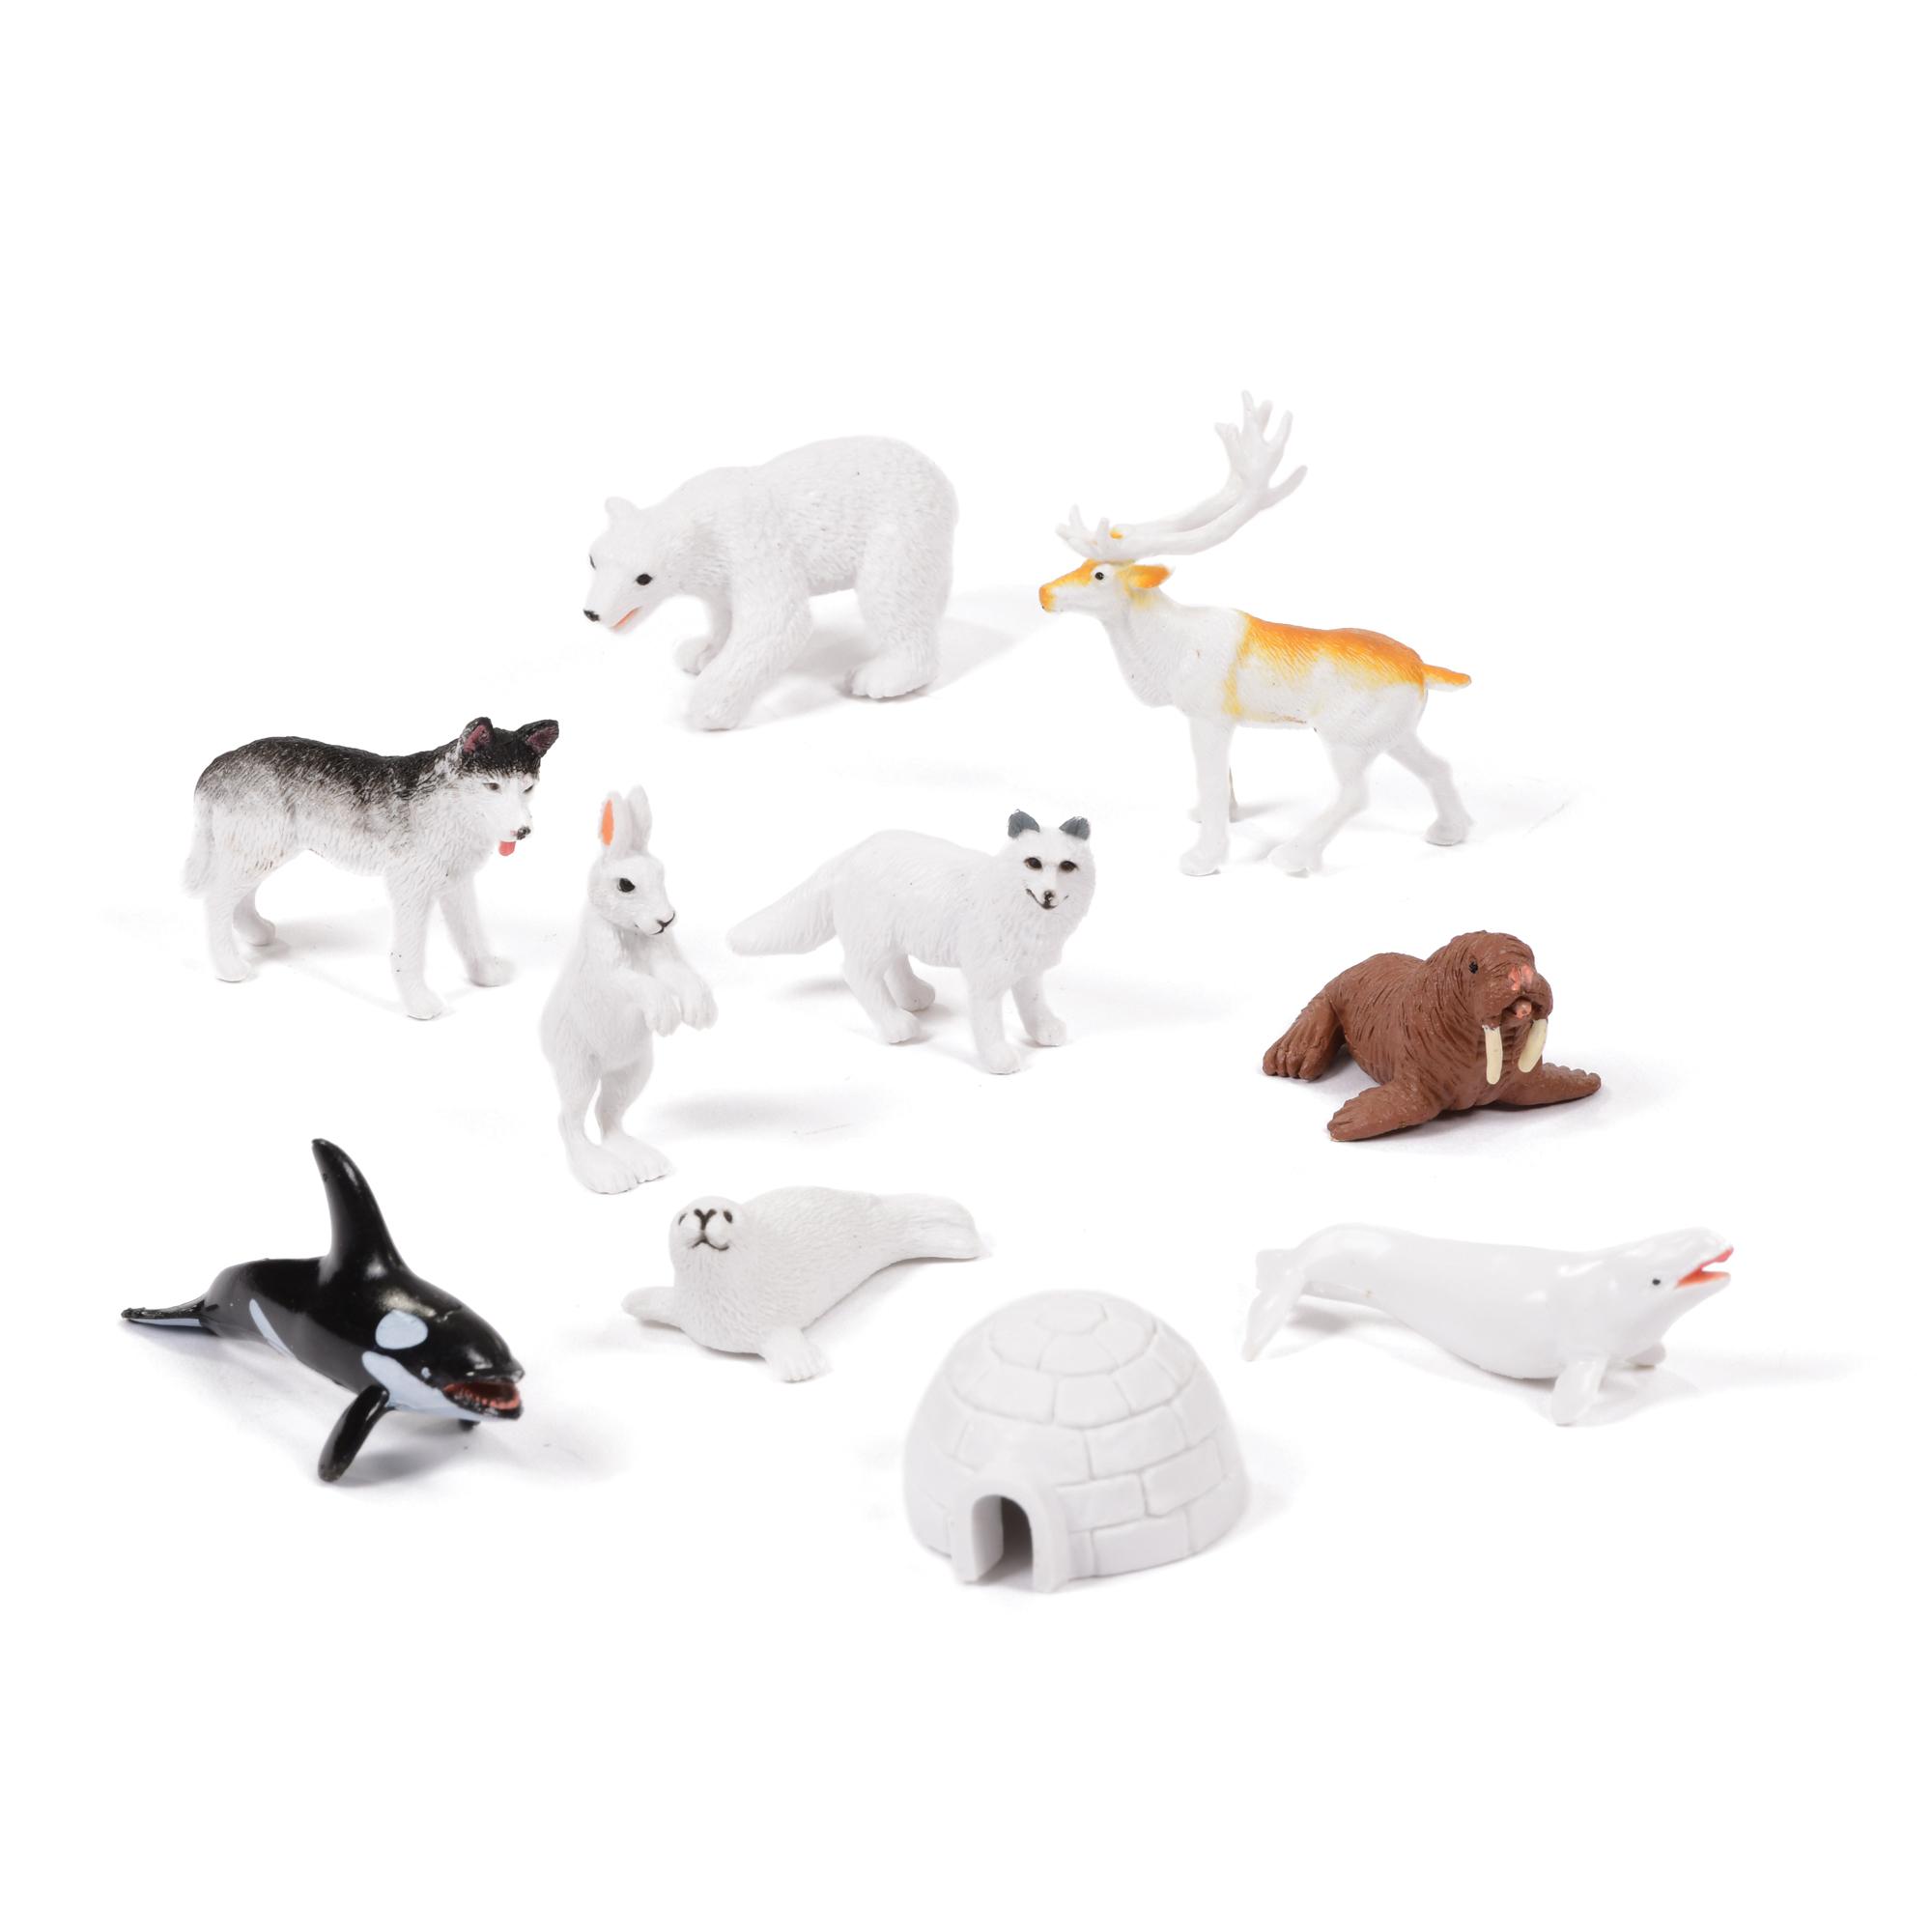 Mini Artic Characters Set